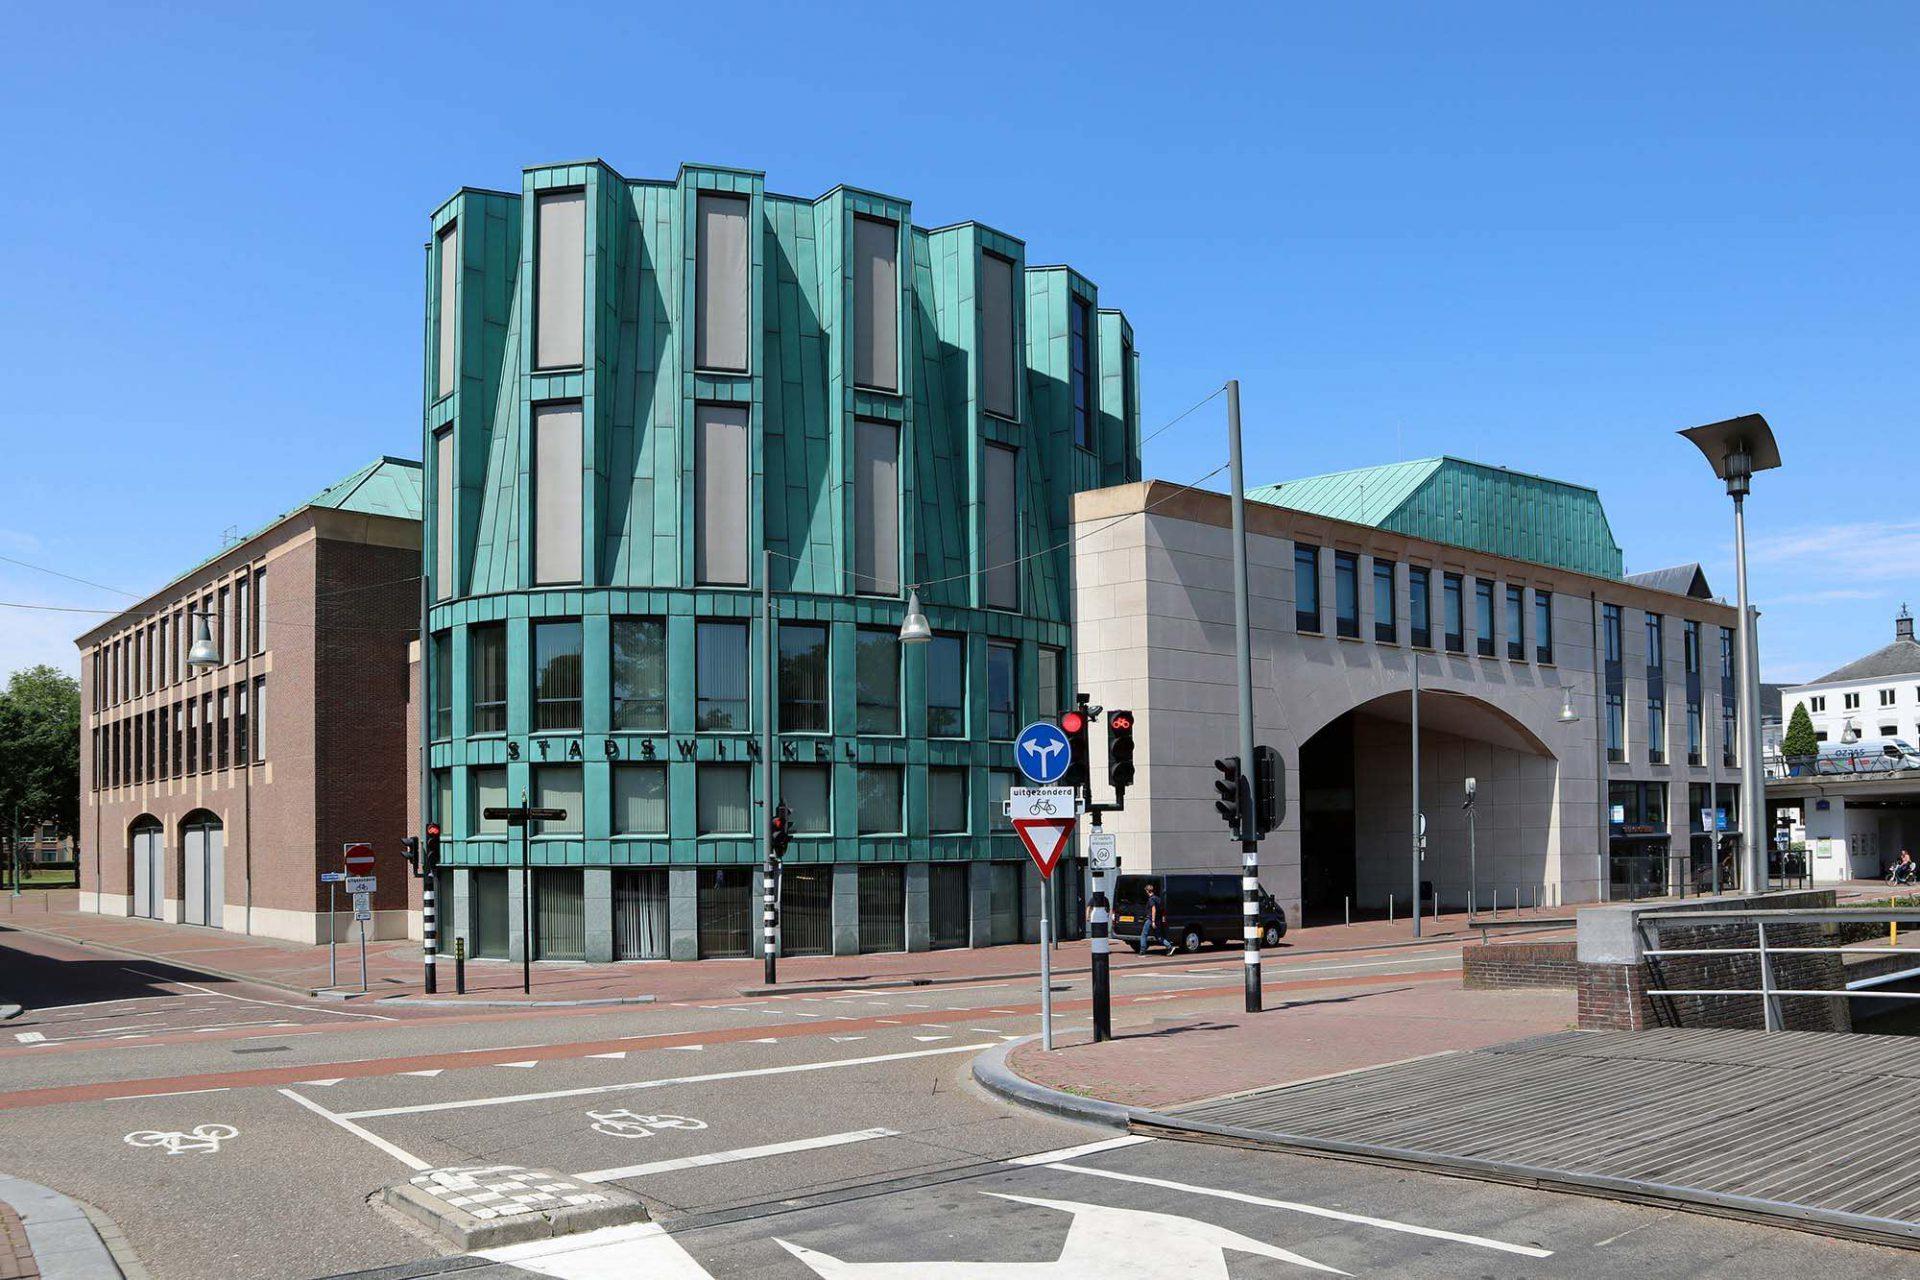 Boscotondo-Komplex. Der Wohn-, Geschäfts- und Kulturkomplex entstand zwischen 1999 und 2001 auf dem ehemaligen Fabrikgelände der Firma Begemann.